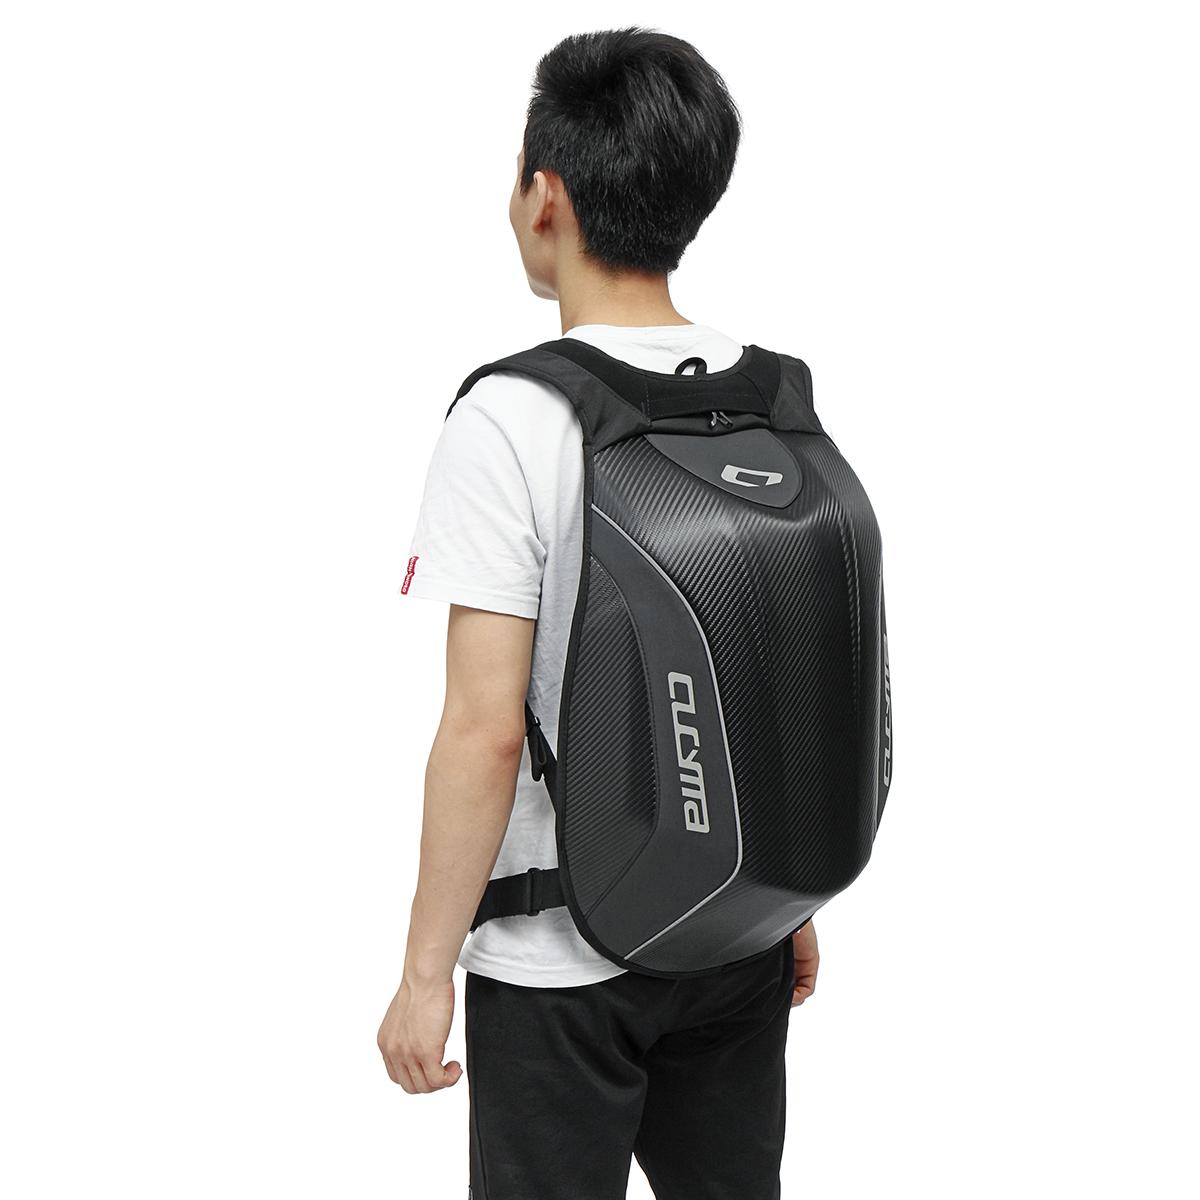 Universal Waterproof Backpack Motorcycle Bike 30L Carbon Fiber Backpack Riding Racing Storage Bag